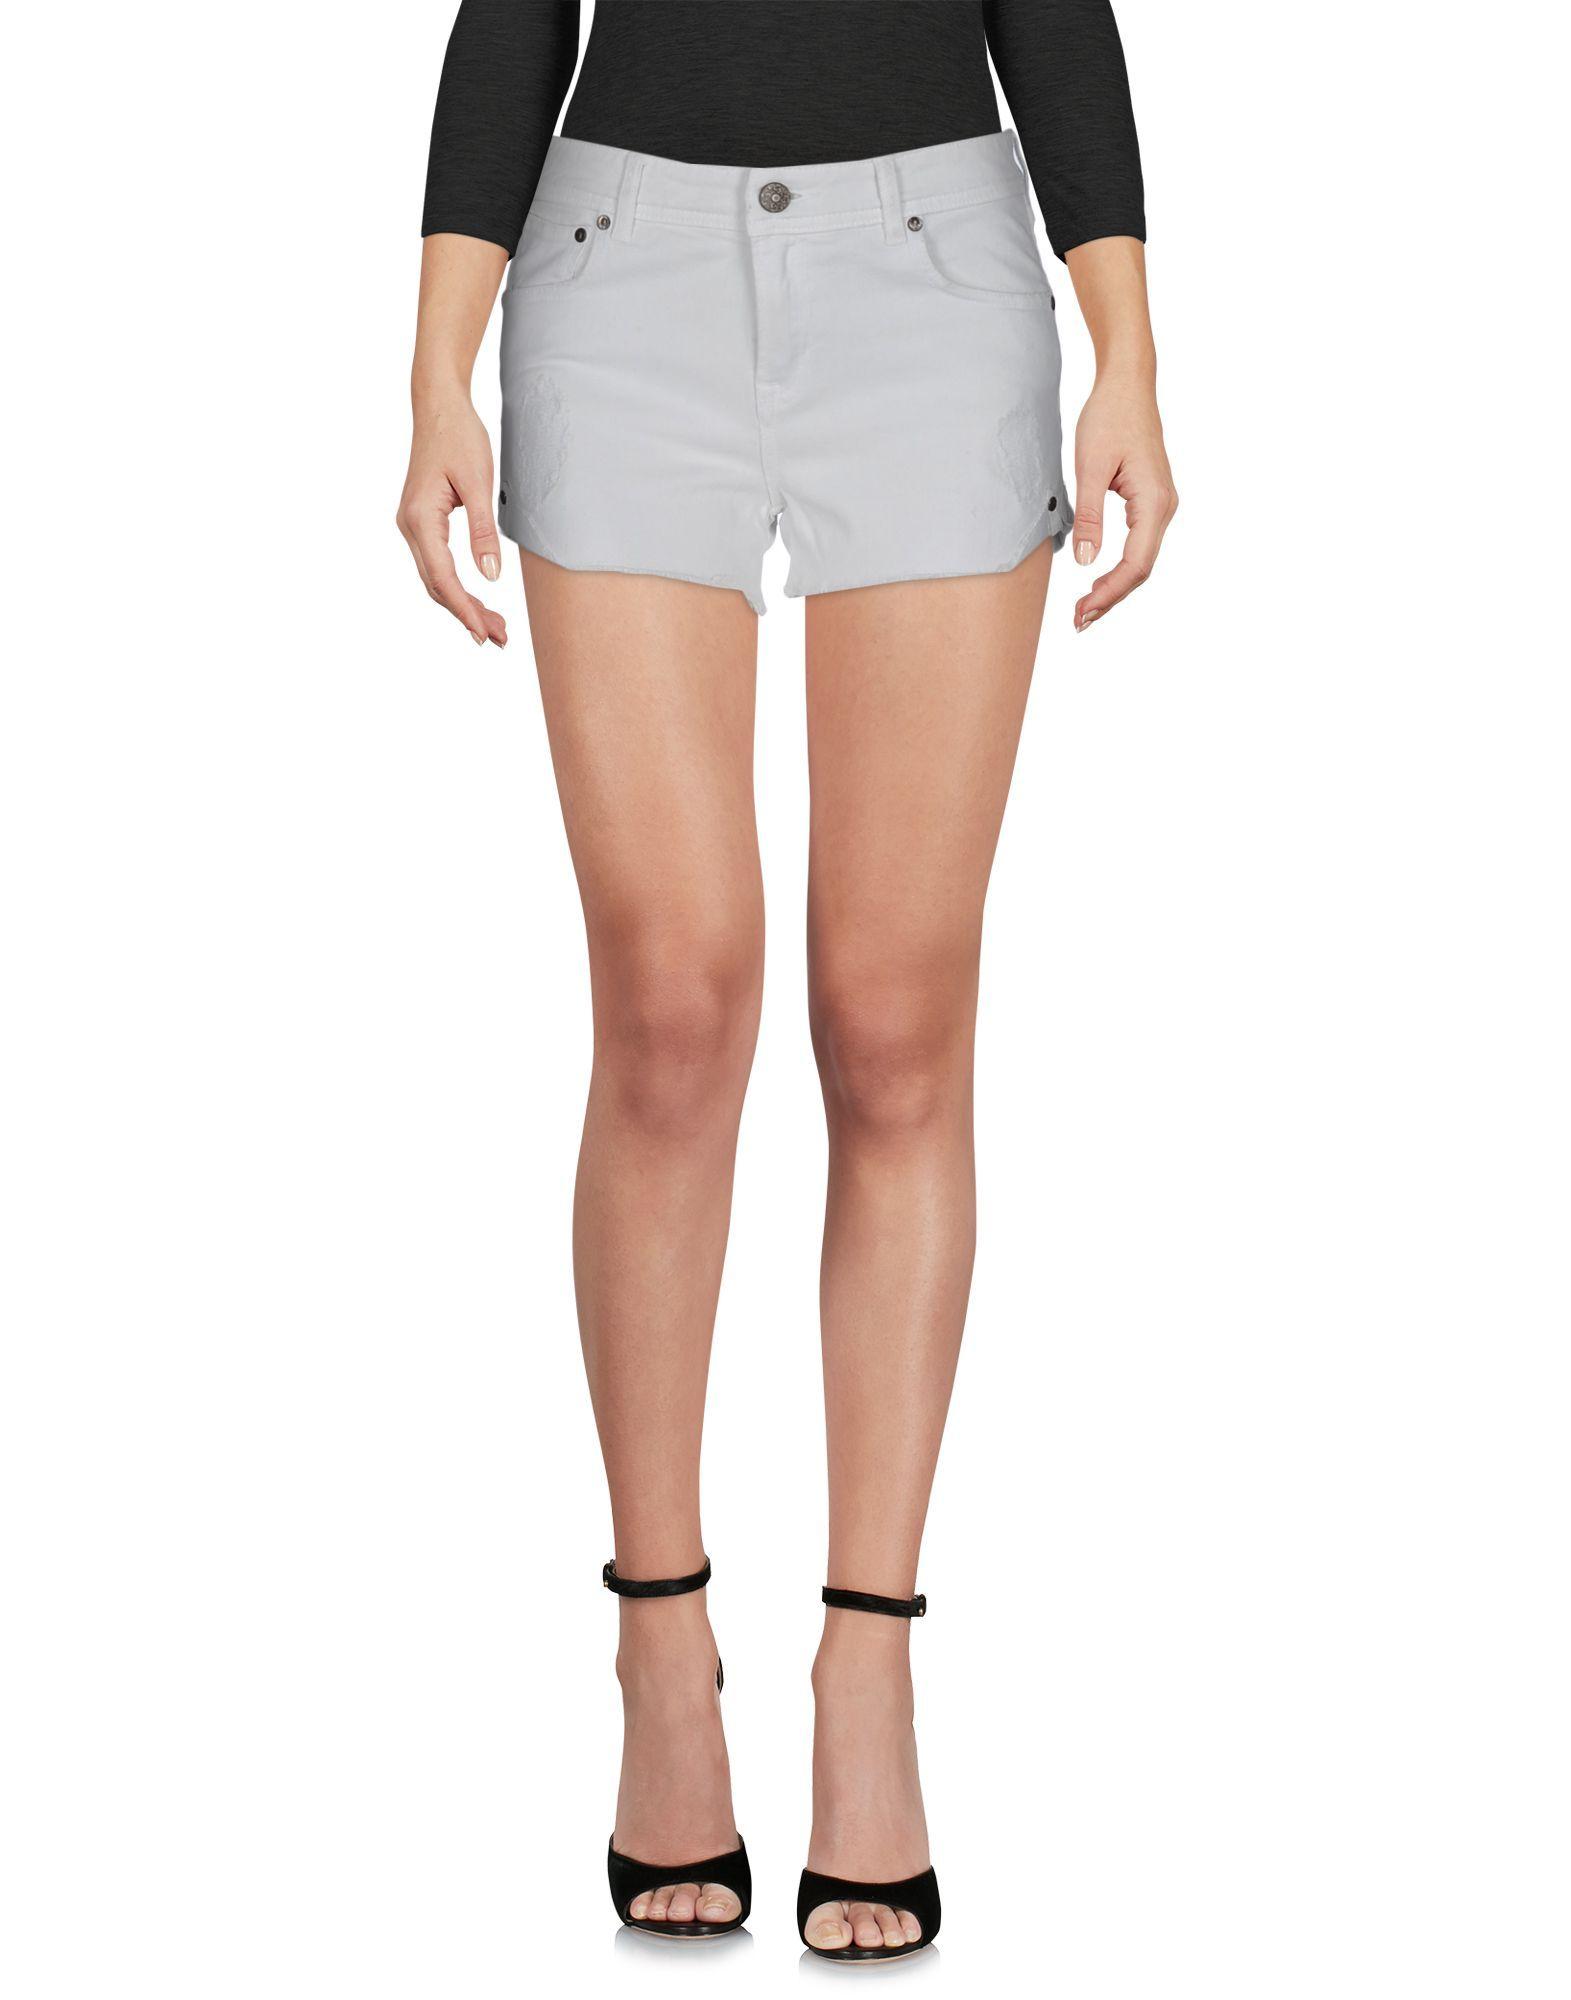 White denim cotton mid-rise shorts